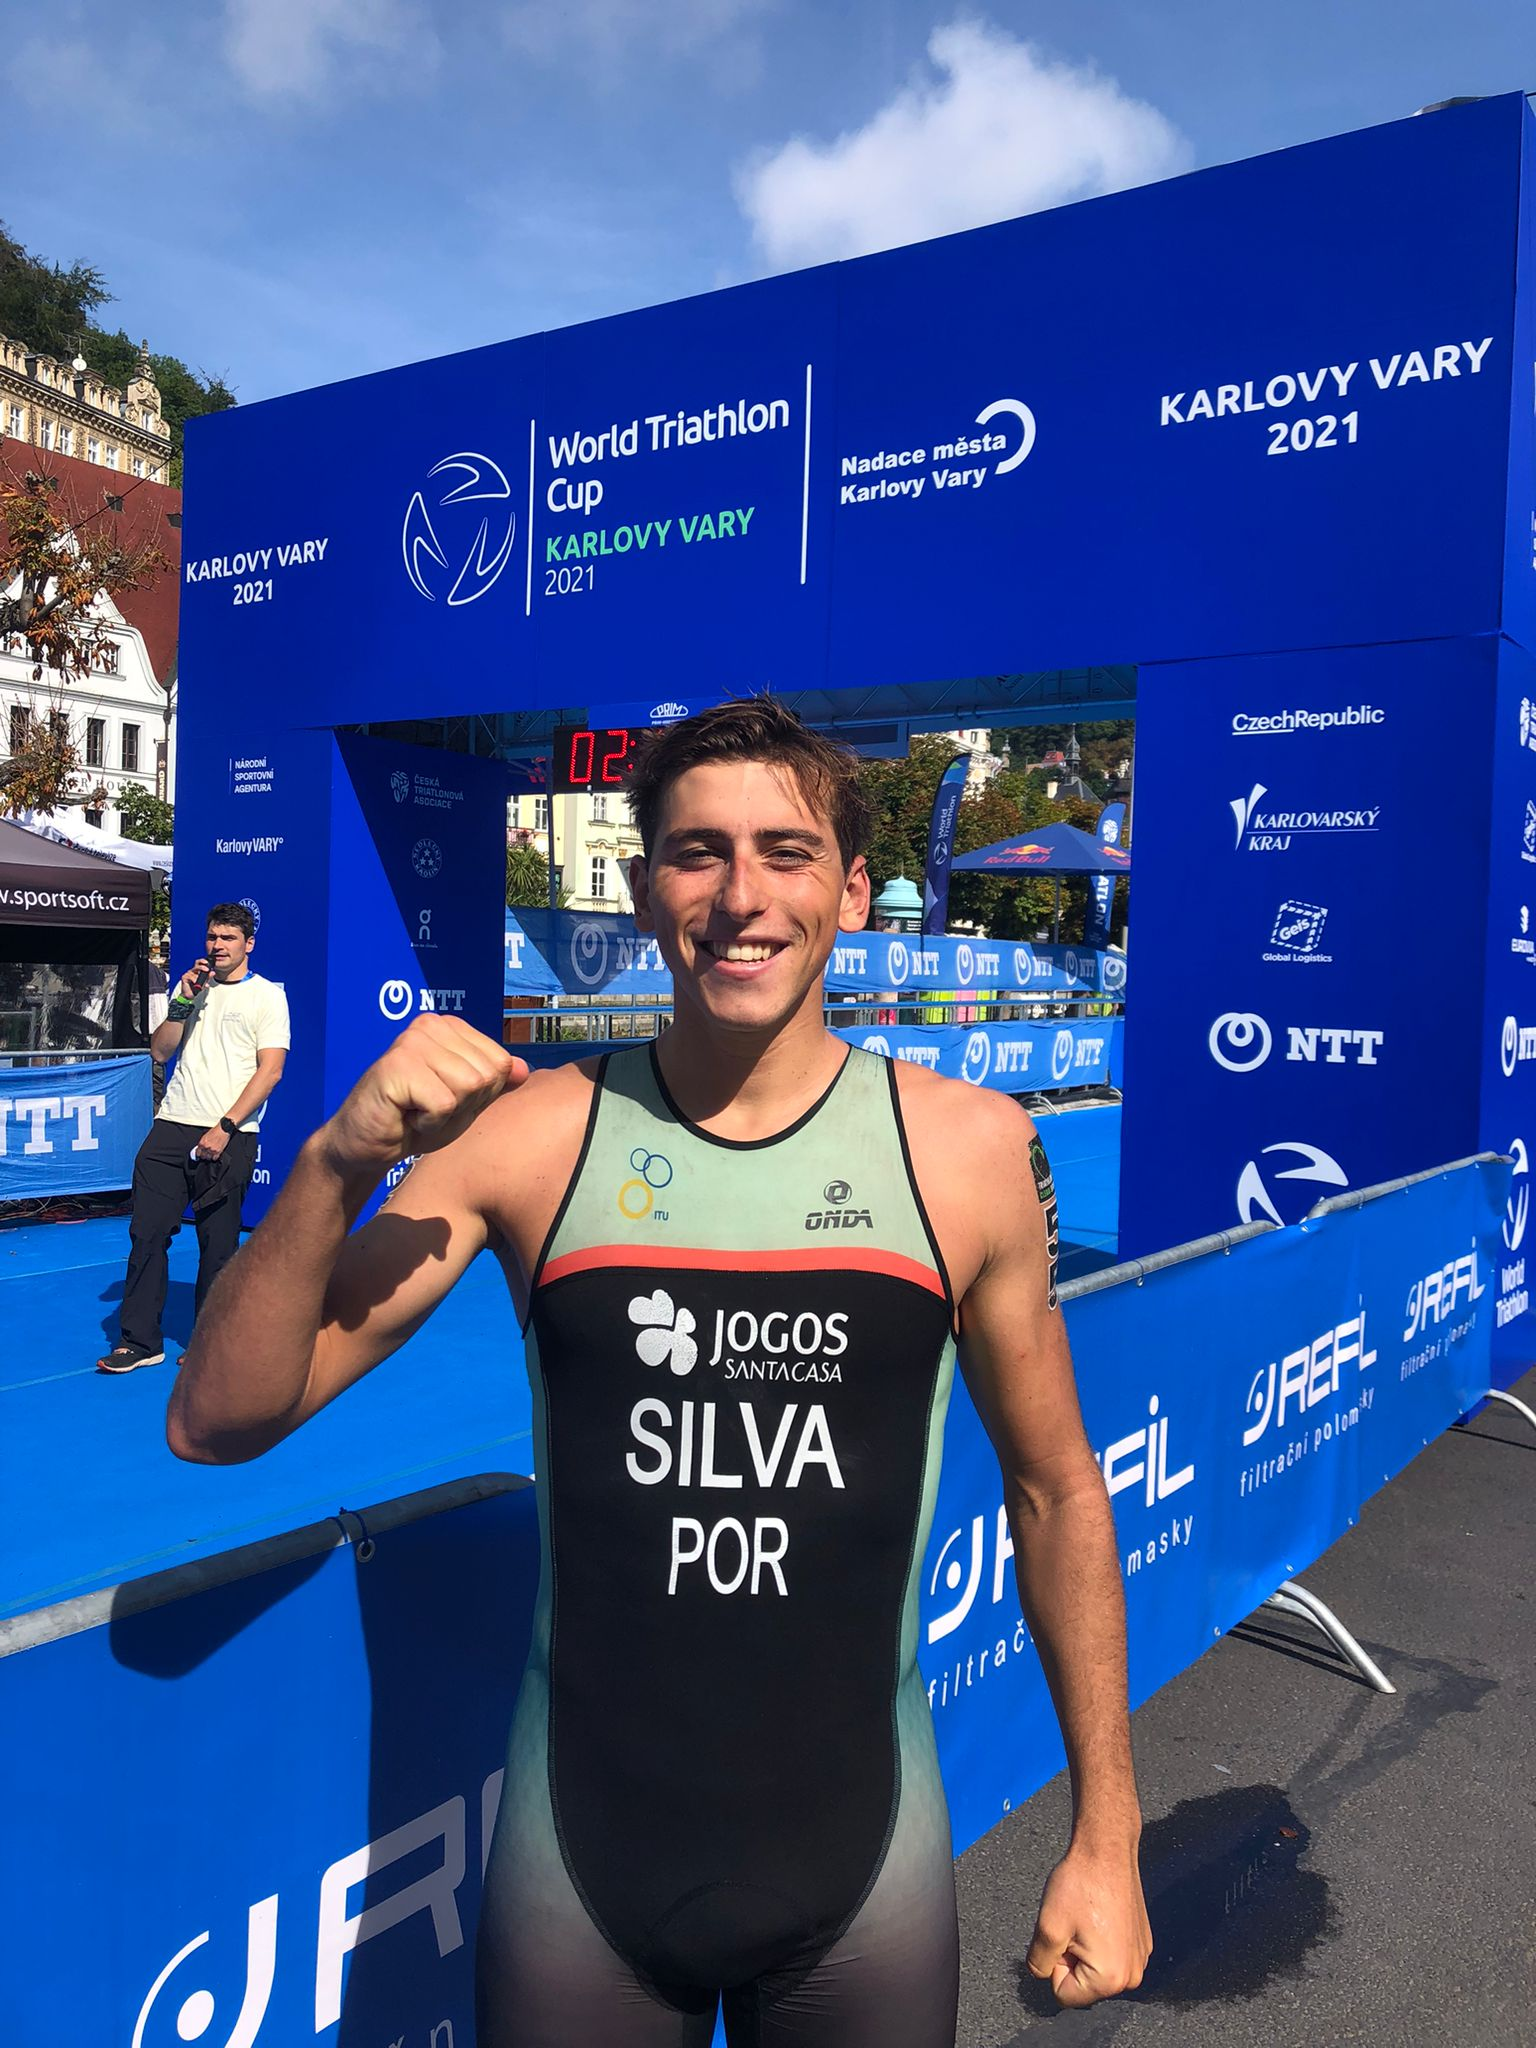 10.º lugar para Miguel Tiago Silva na Taça do Mundo de Triatlo em Karlovy Vary 2021